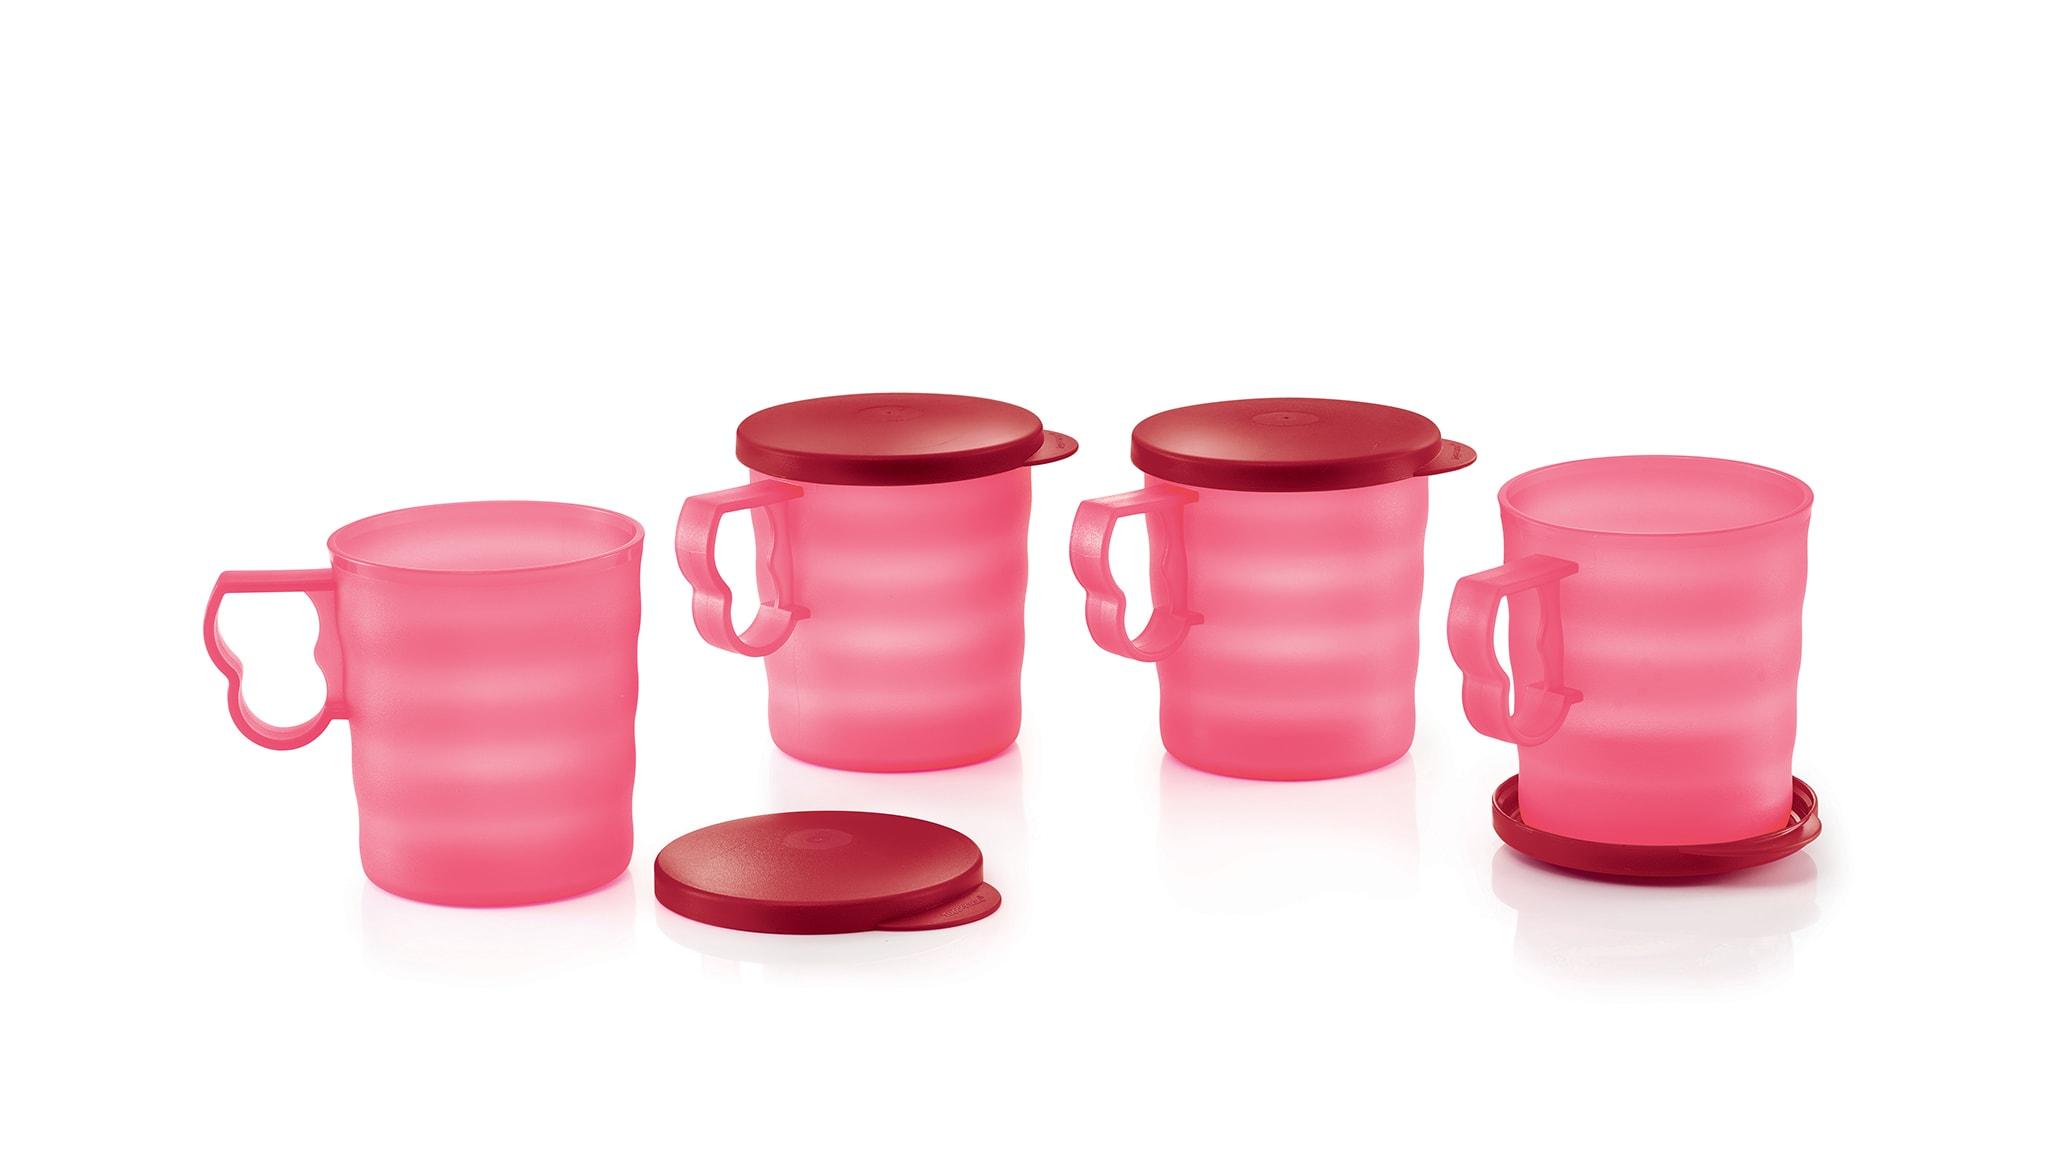 Royal Red Mug with Seal (4) 350ml